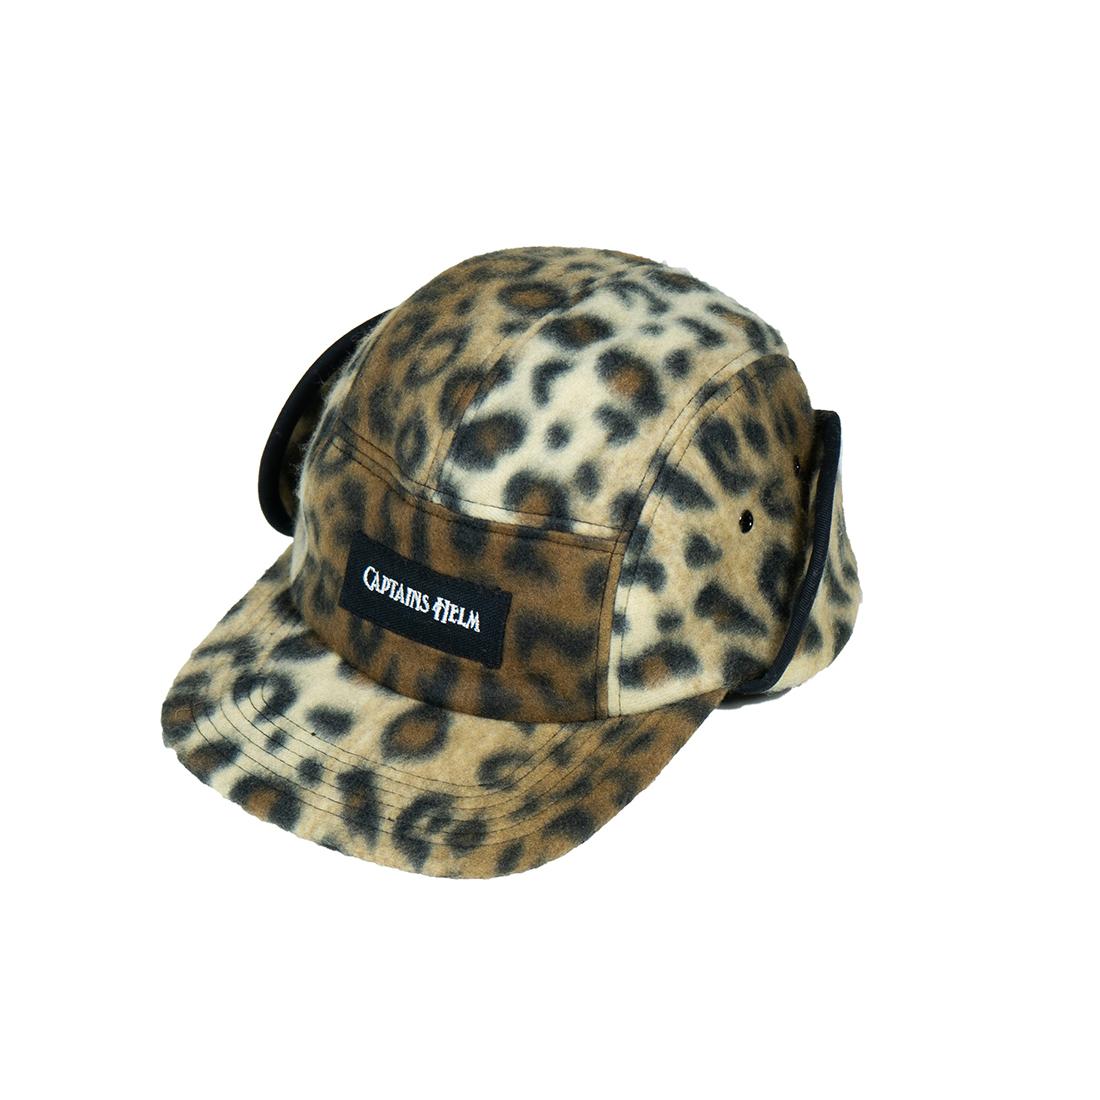 CAPTAINS HELM #Leopard Fleece Flap Cap